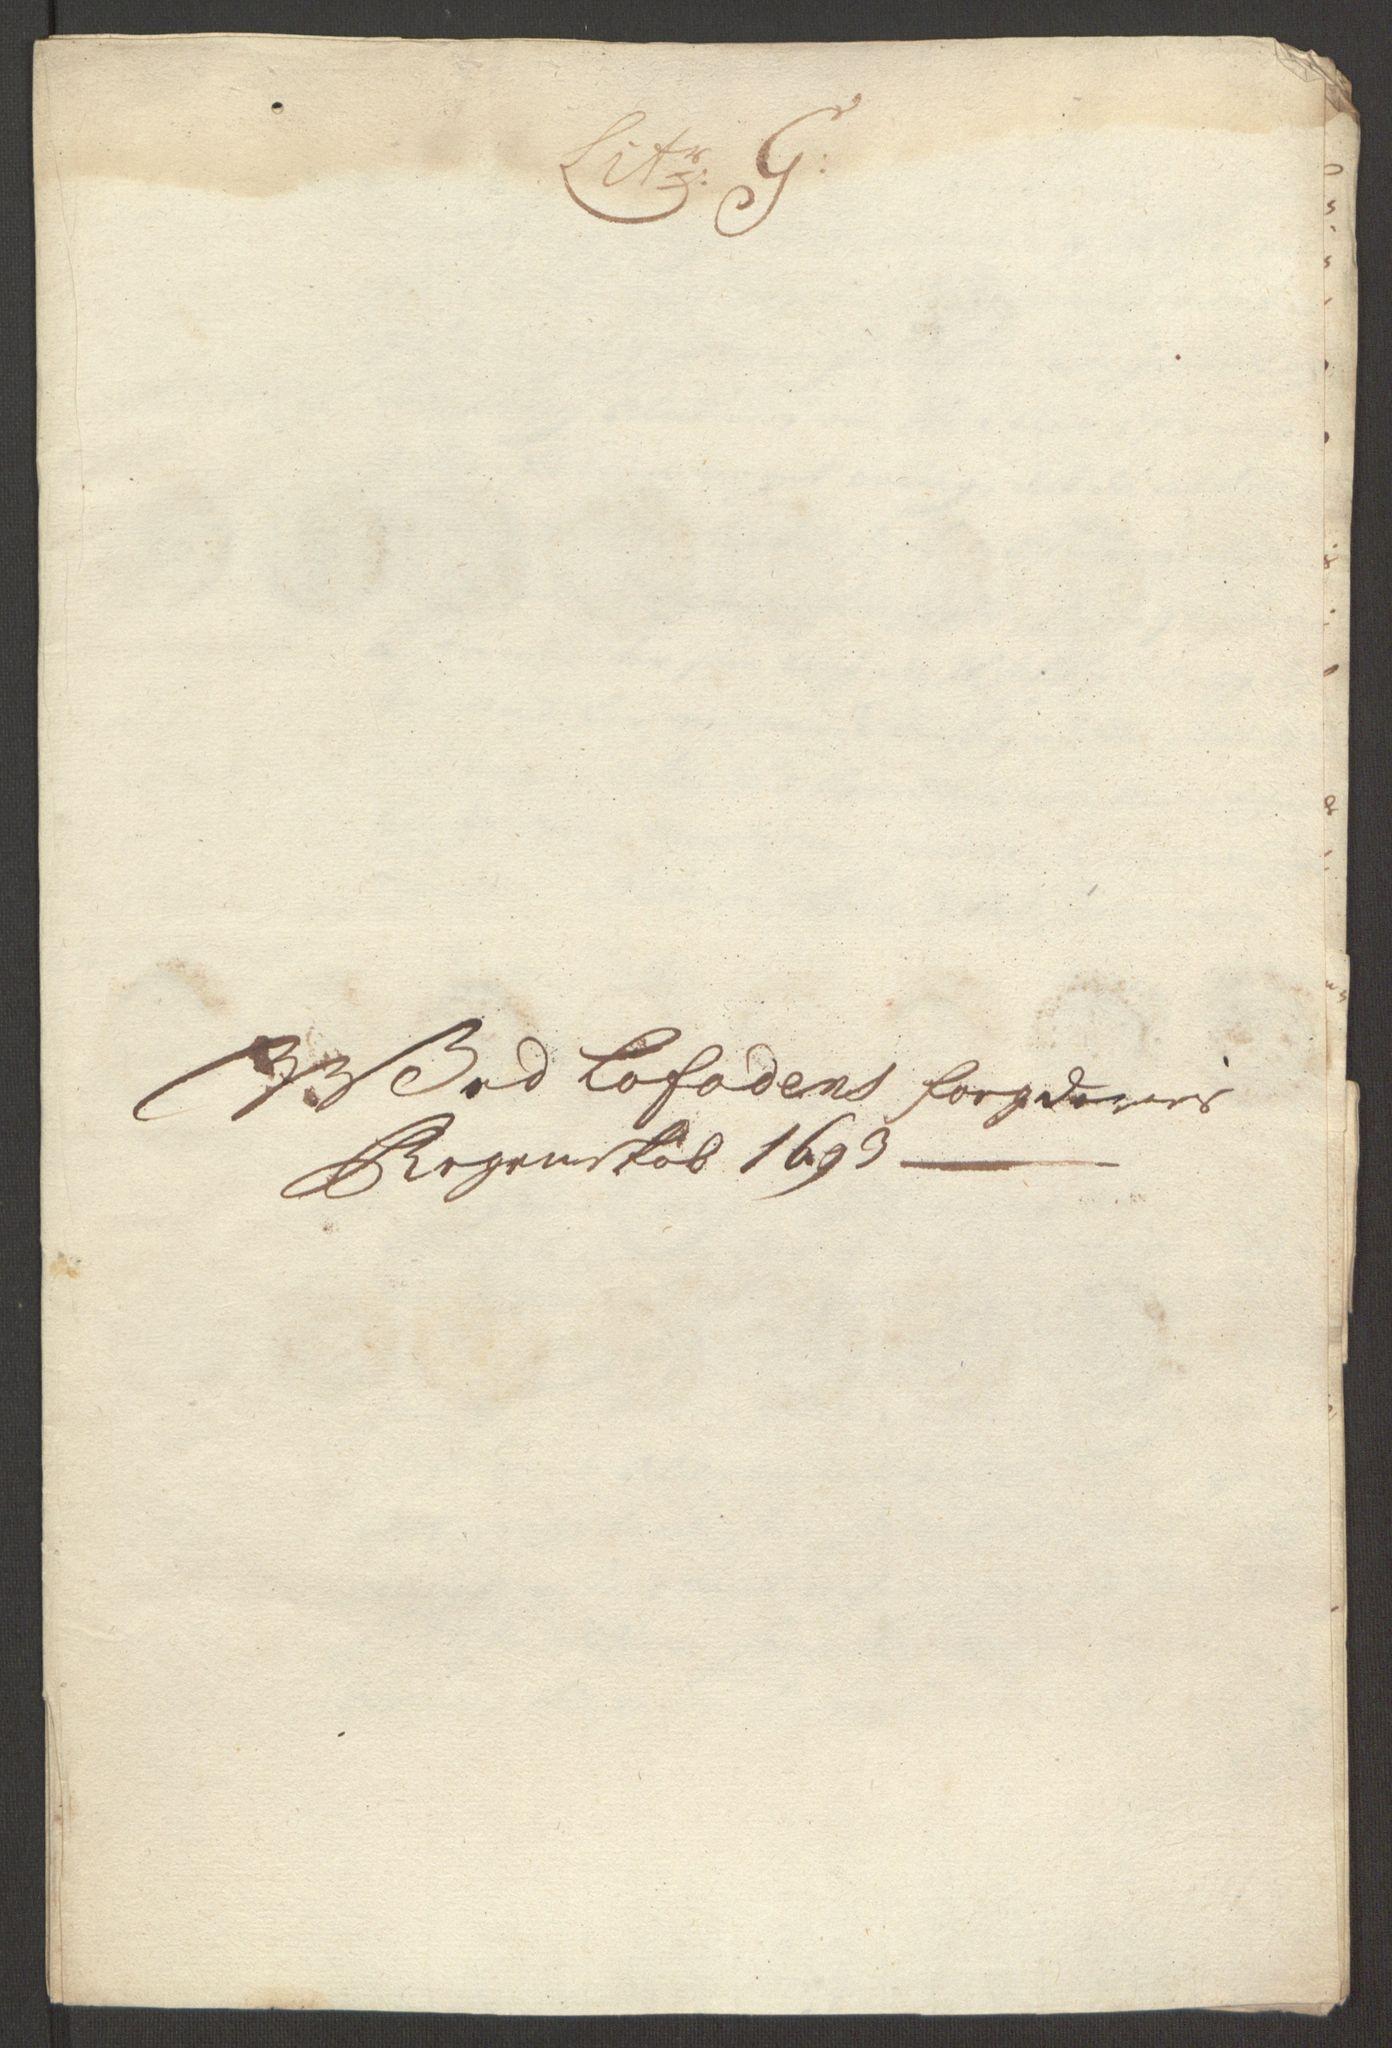 RA, Rentekammeret inntil 1814, Reviderte regnskaper, Fogderegnskap, R67/L4675: Fogderegnskap Vesterålen, Andenes og Lofoten, 1691-1693, s. 275